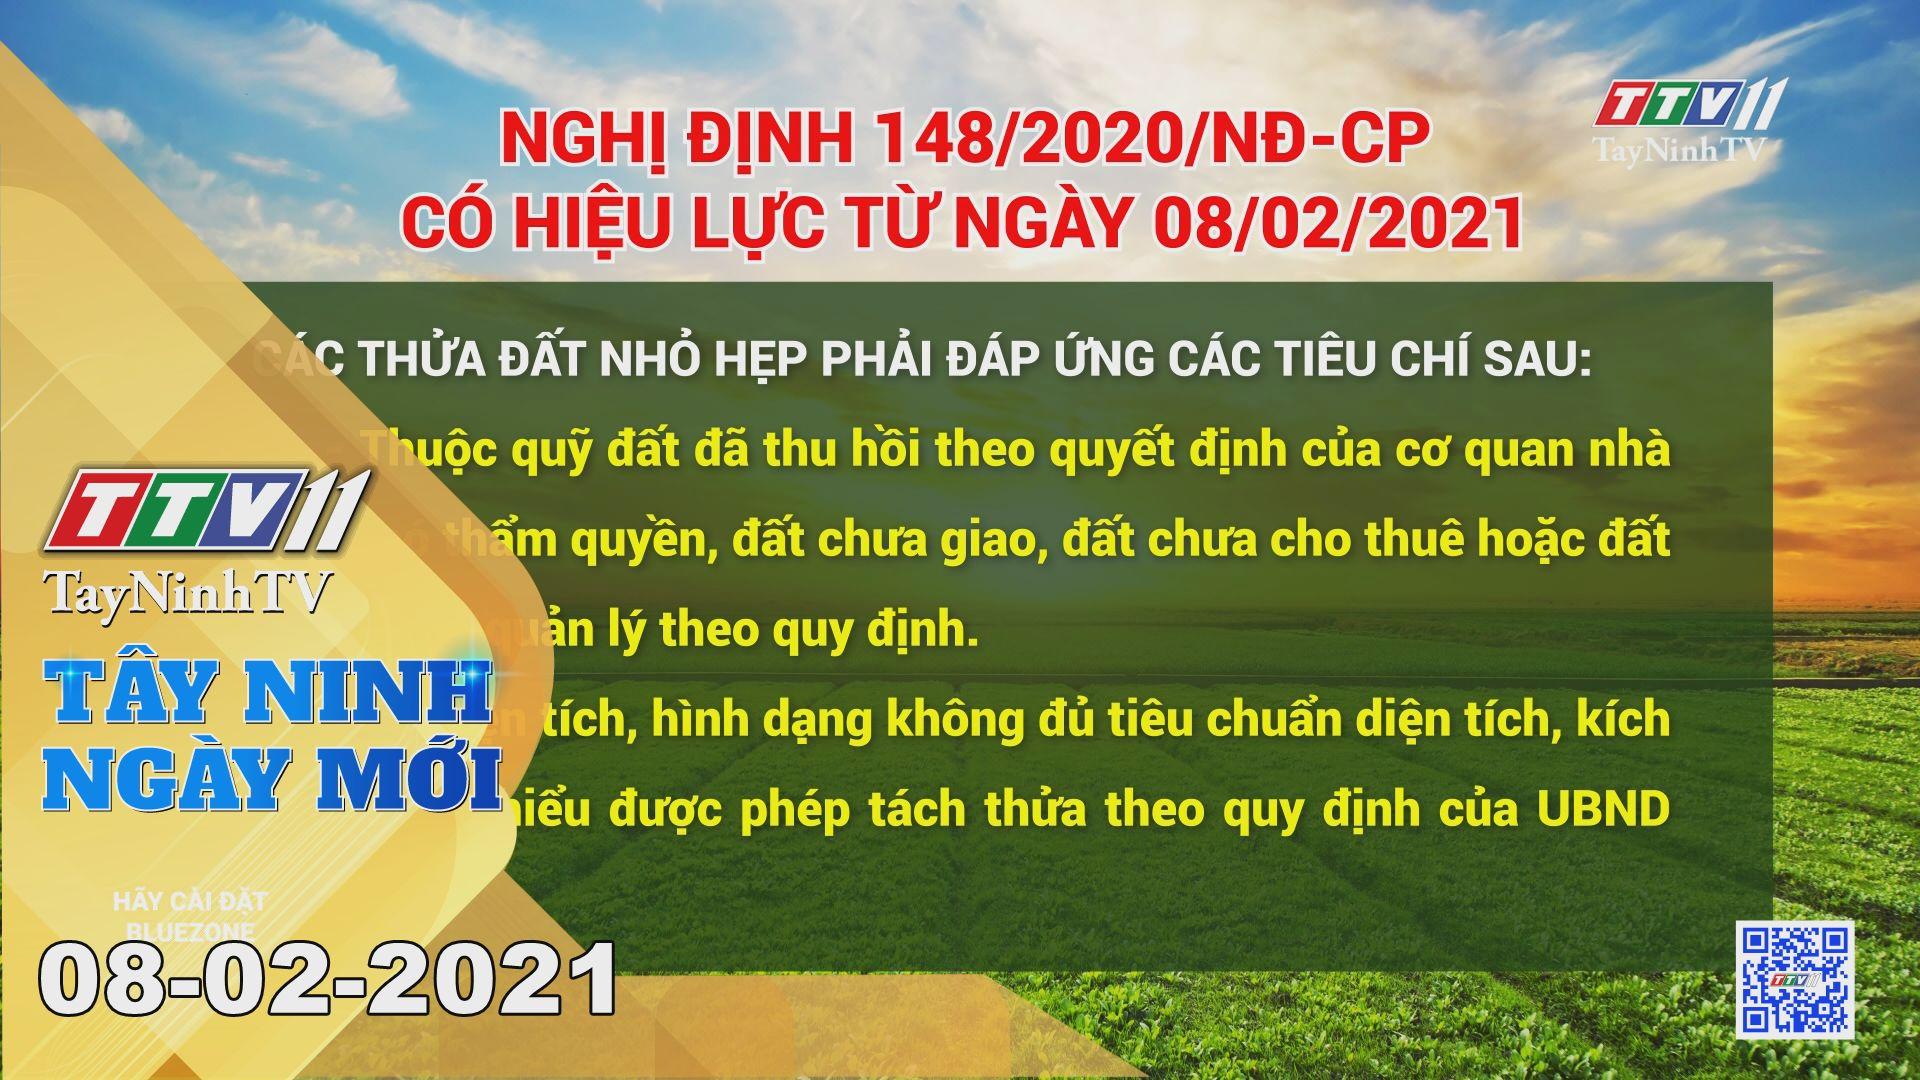 Tây Ninh Ngày Mới 08-02-2021   Tin tức hôm nay   TayNinhTV